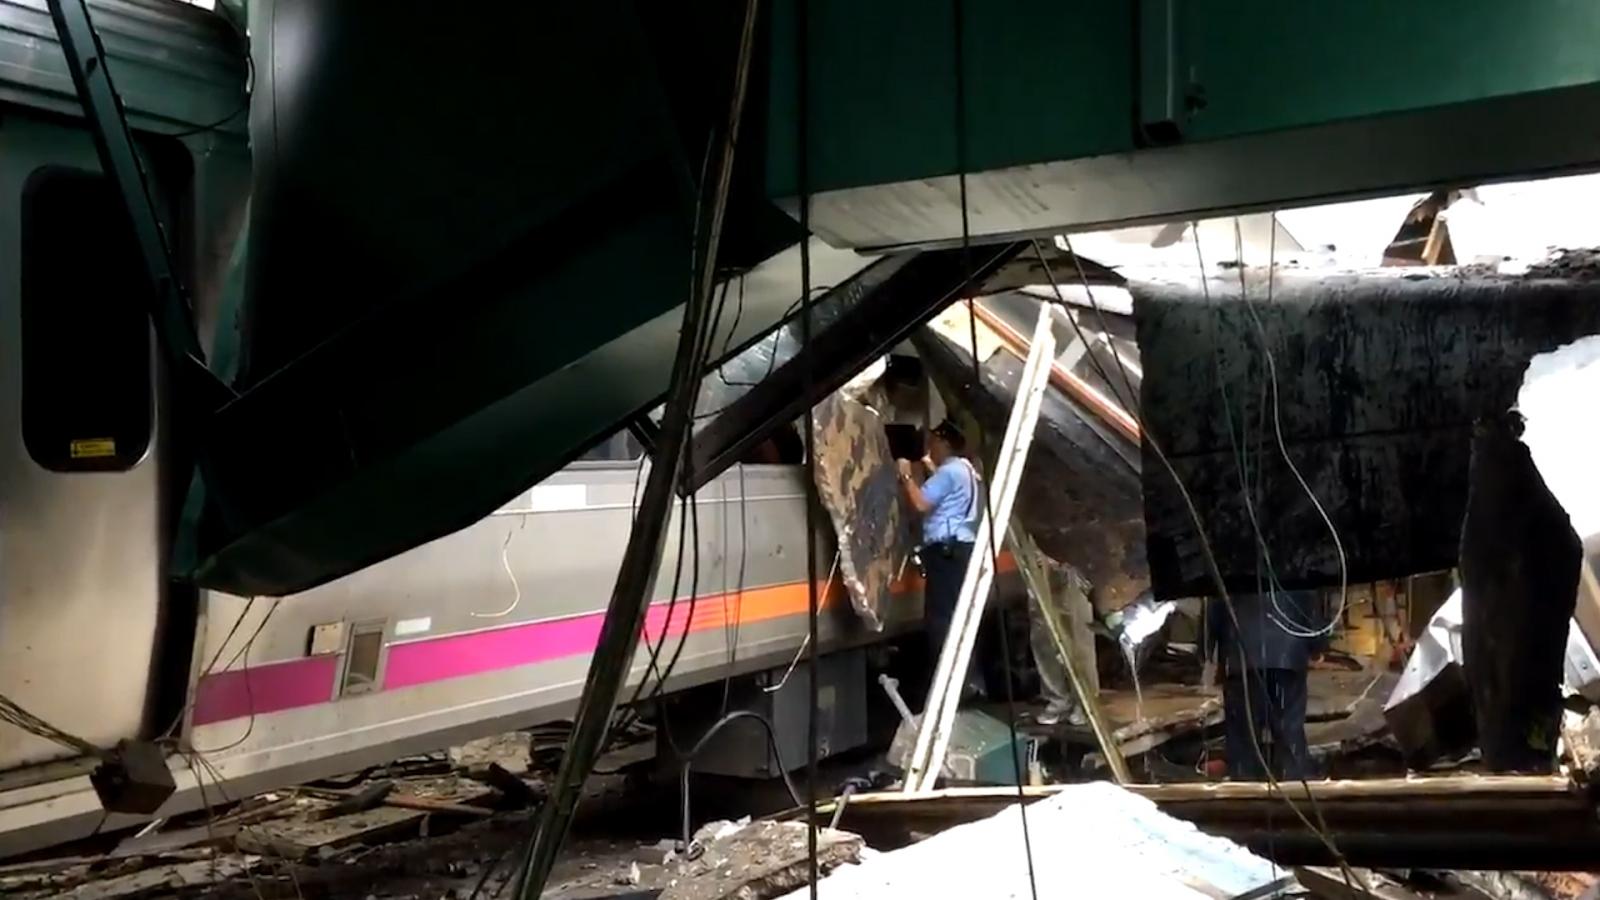 Hoboken train crash video from inside